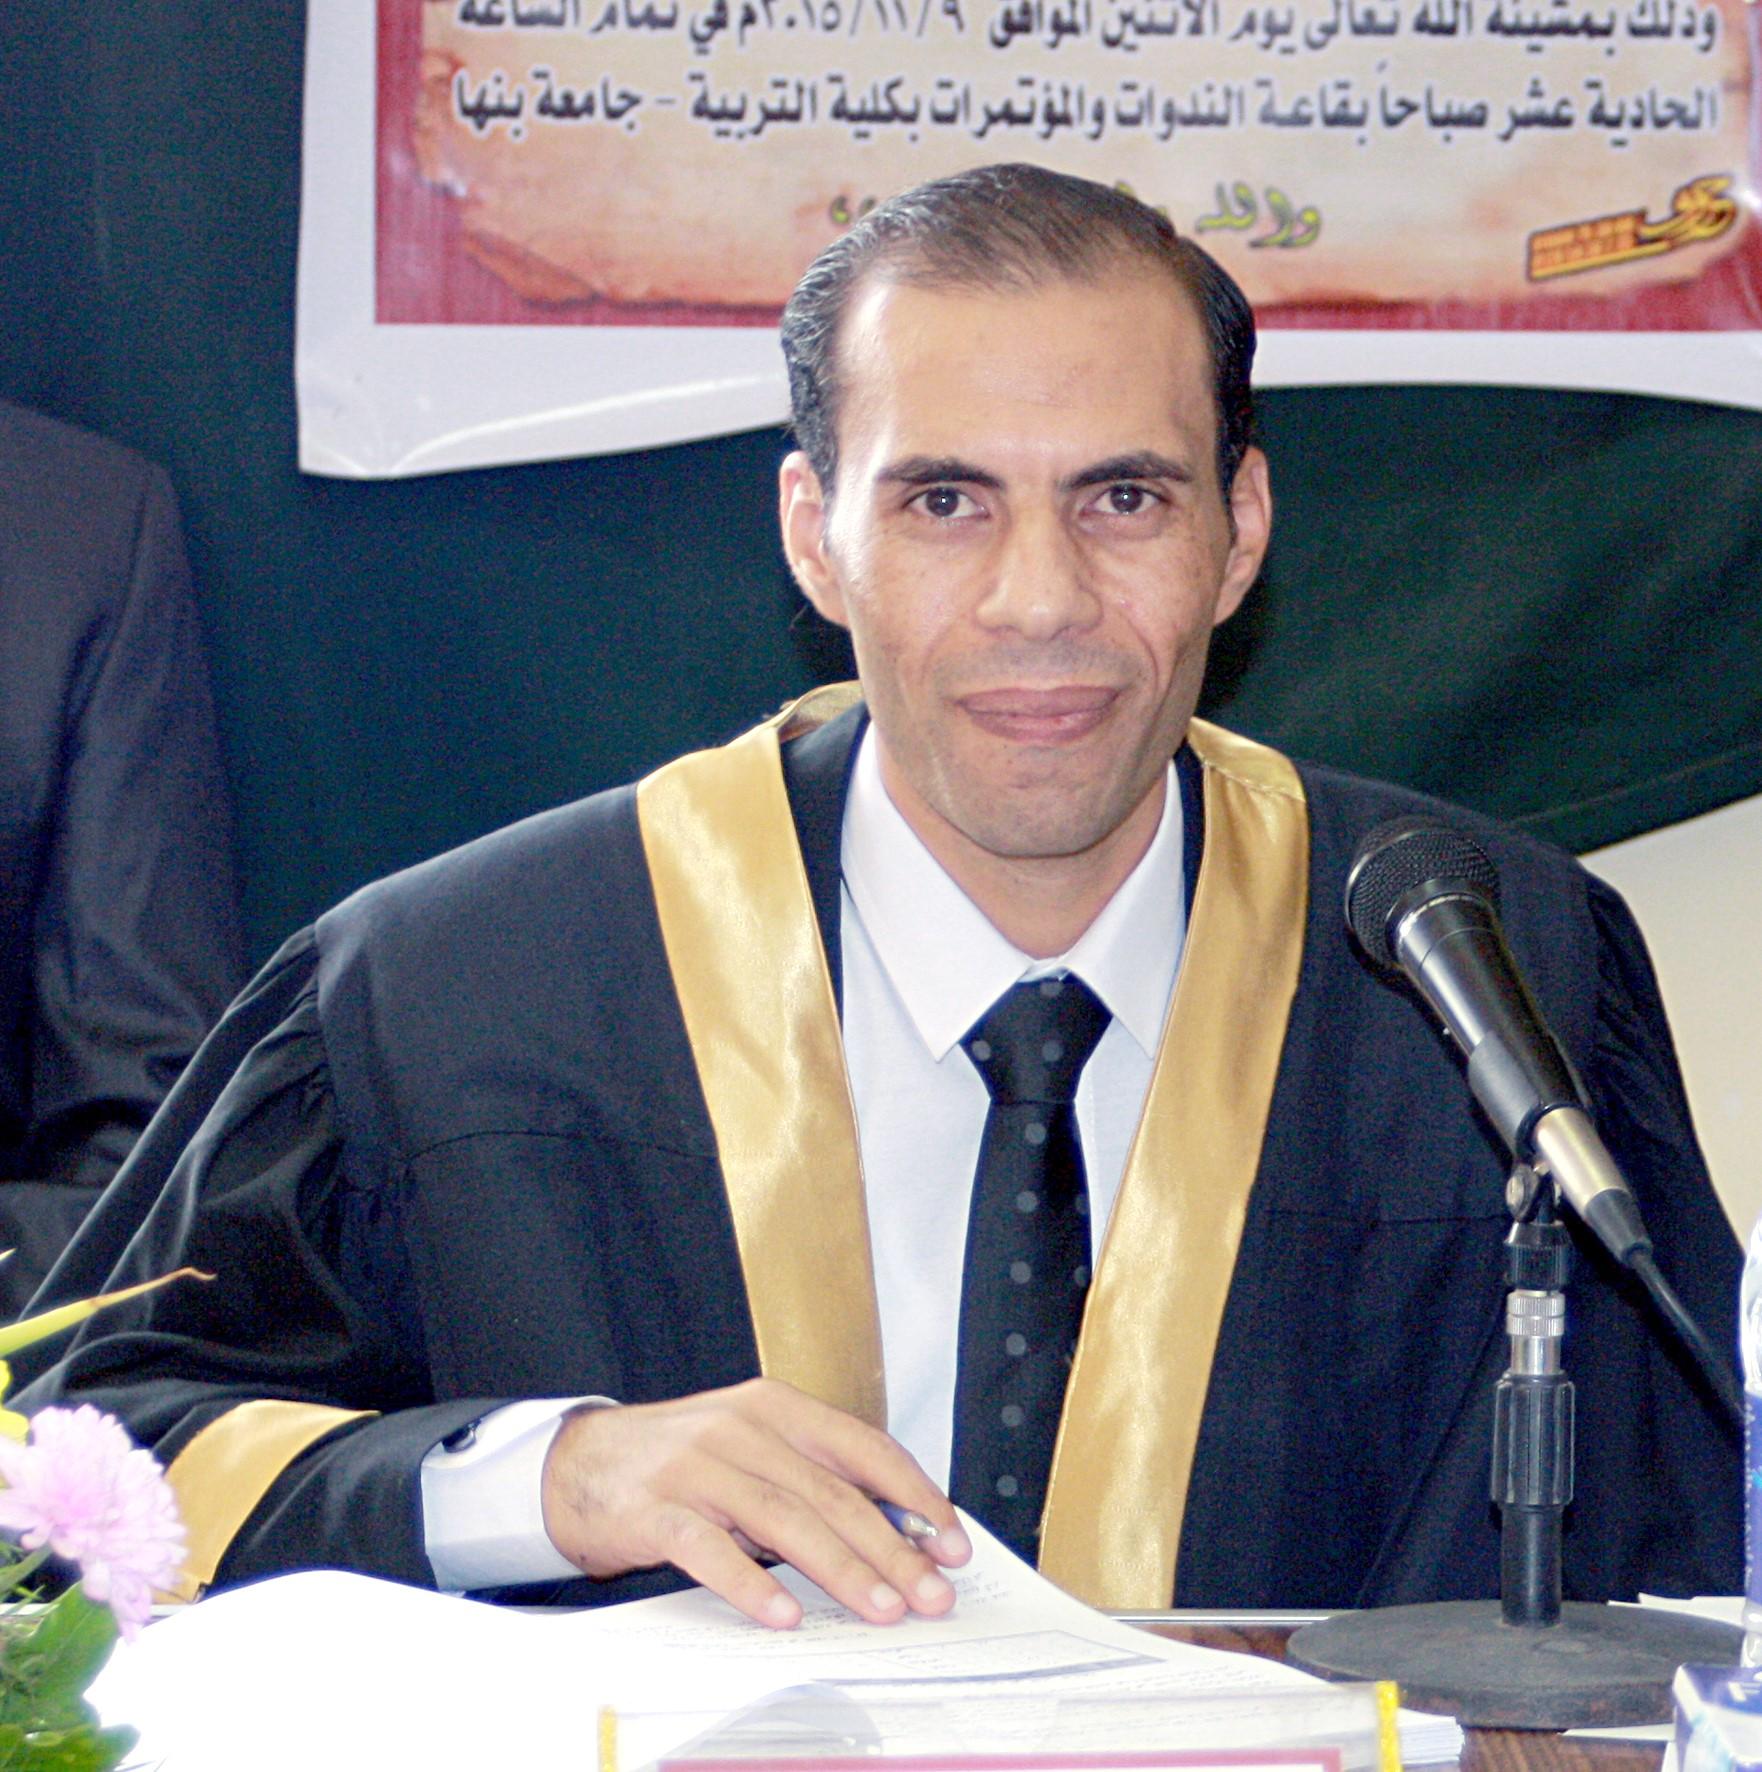 Sameh Hassan Saad El-Din Abdallah Harb